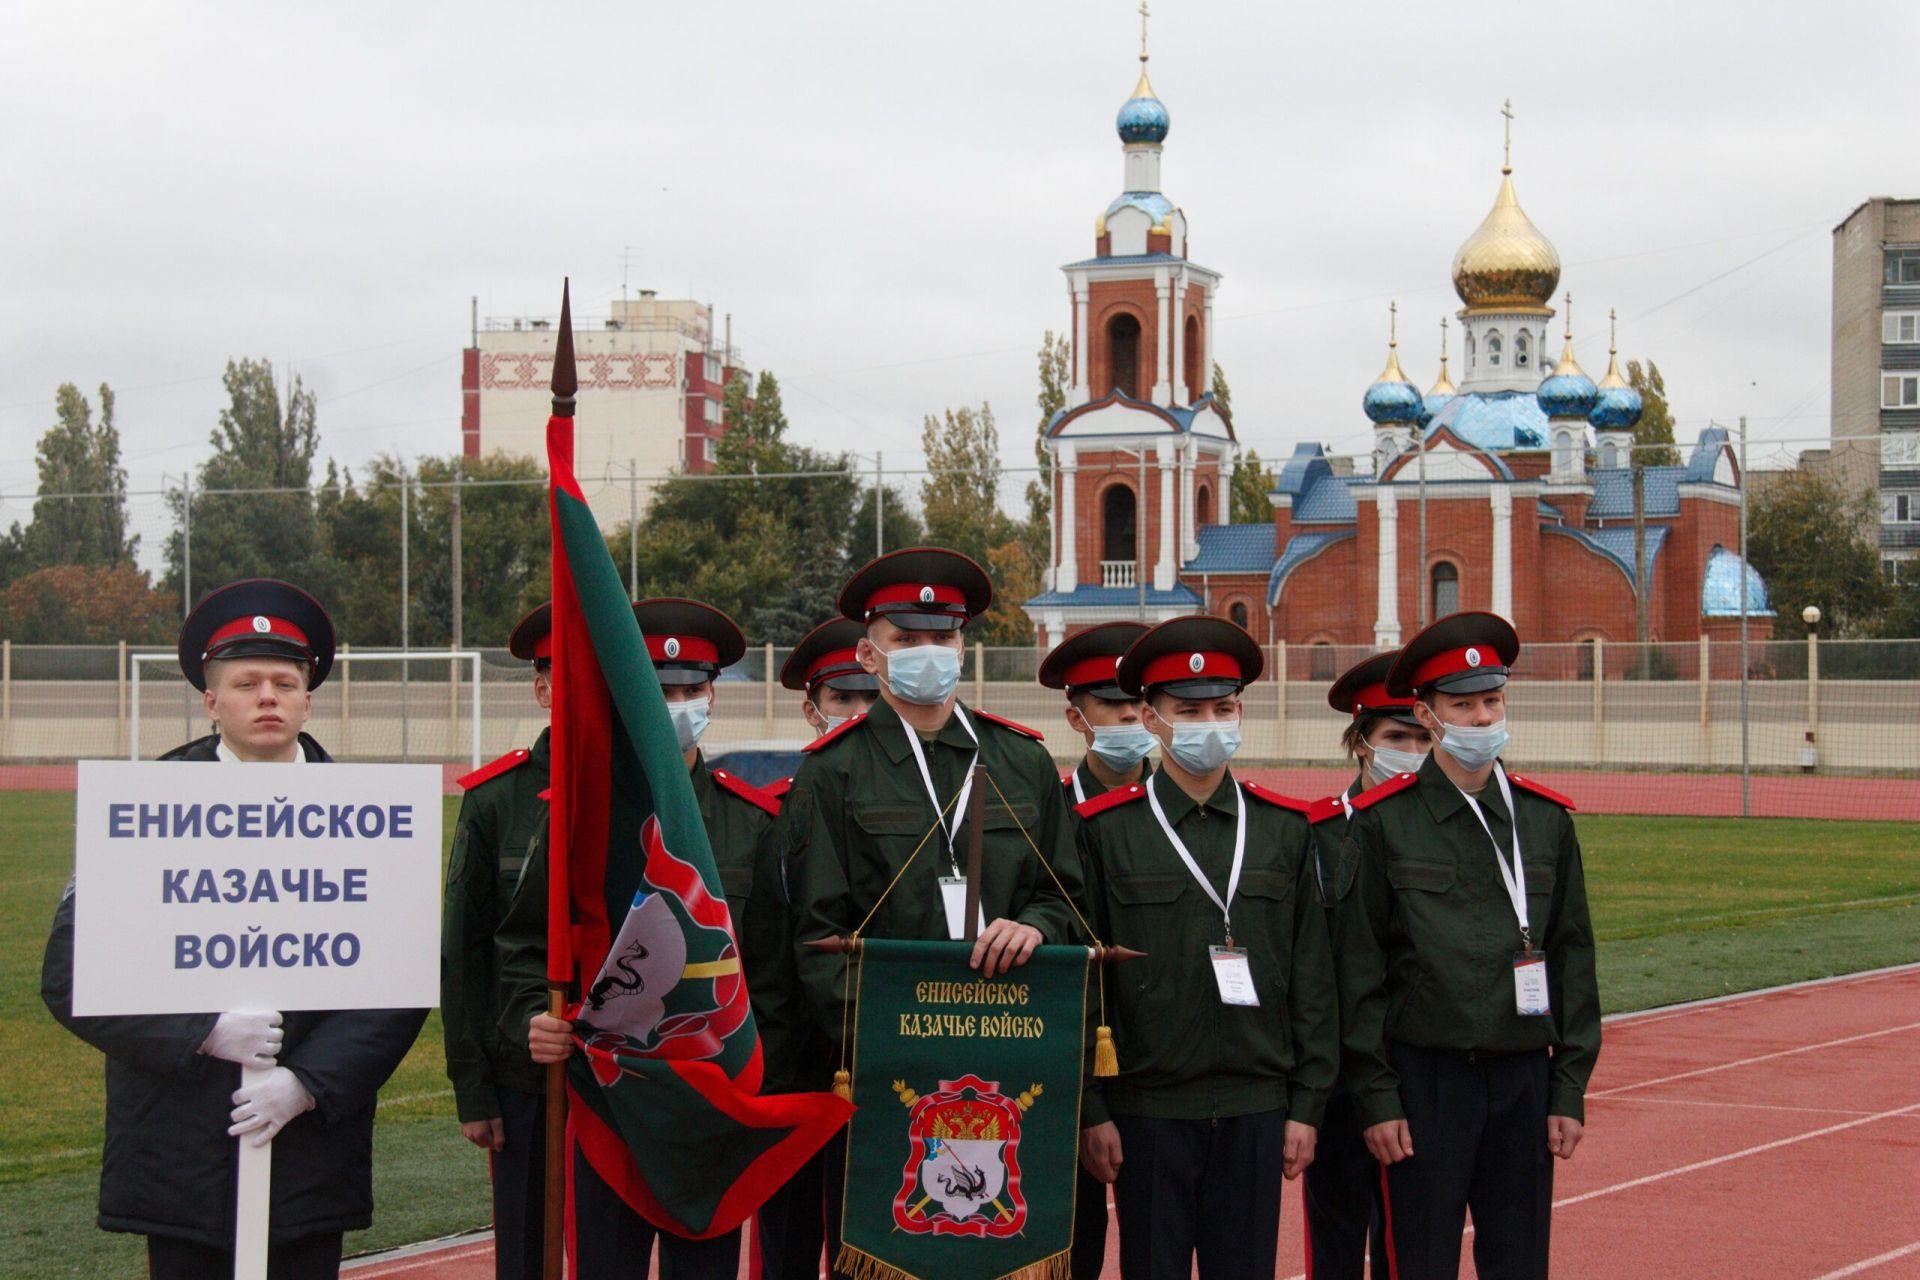 Ростовская область принимает Всероссийский слет казачьей молодёжи